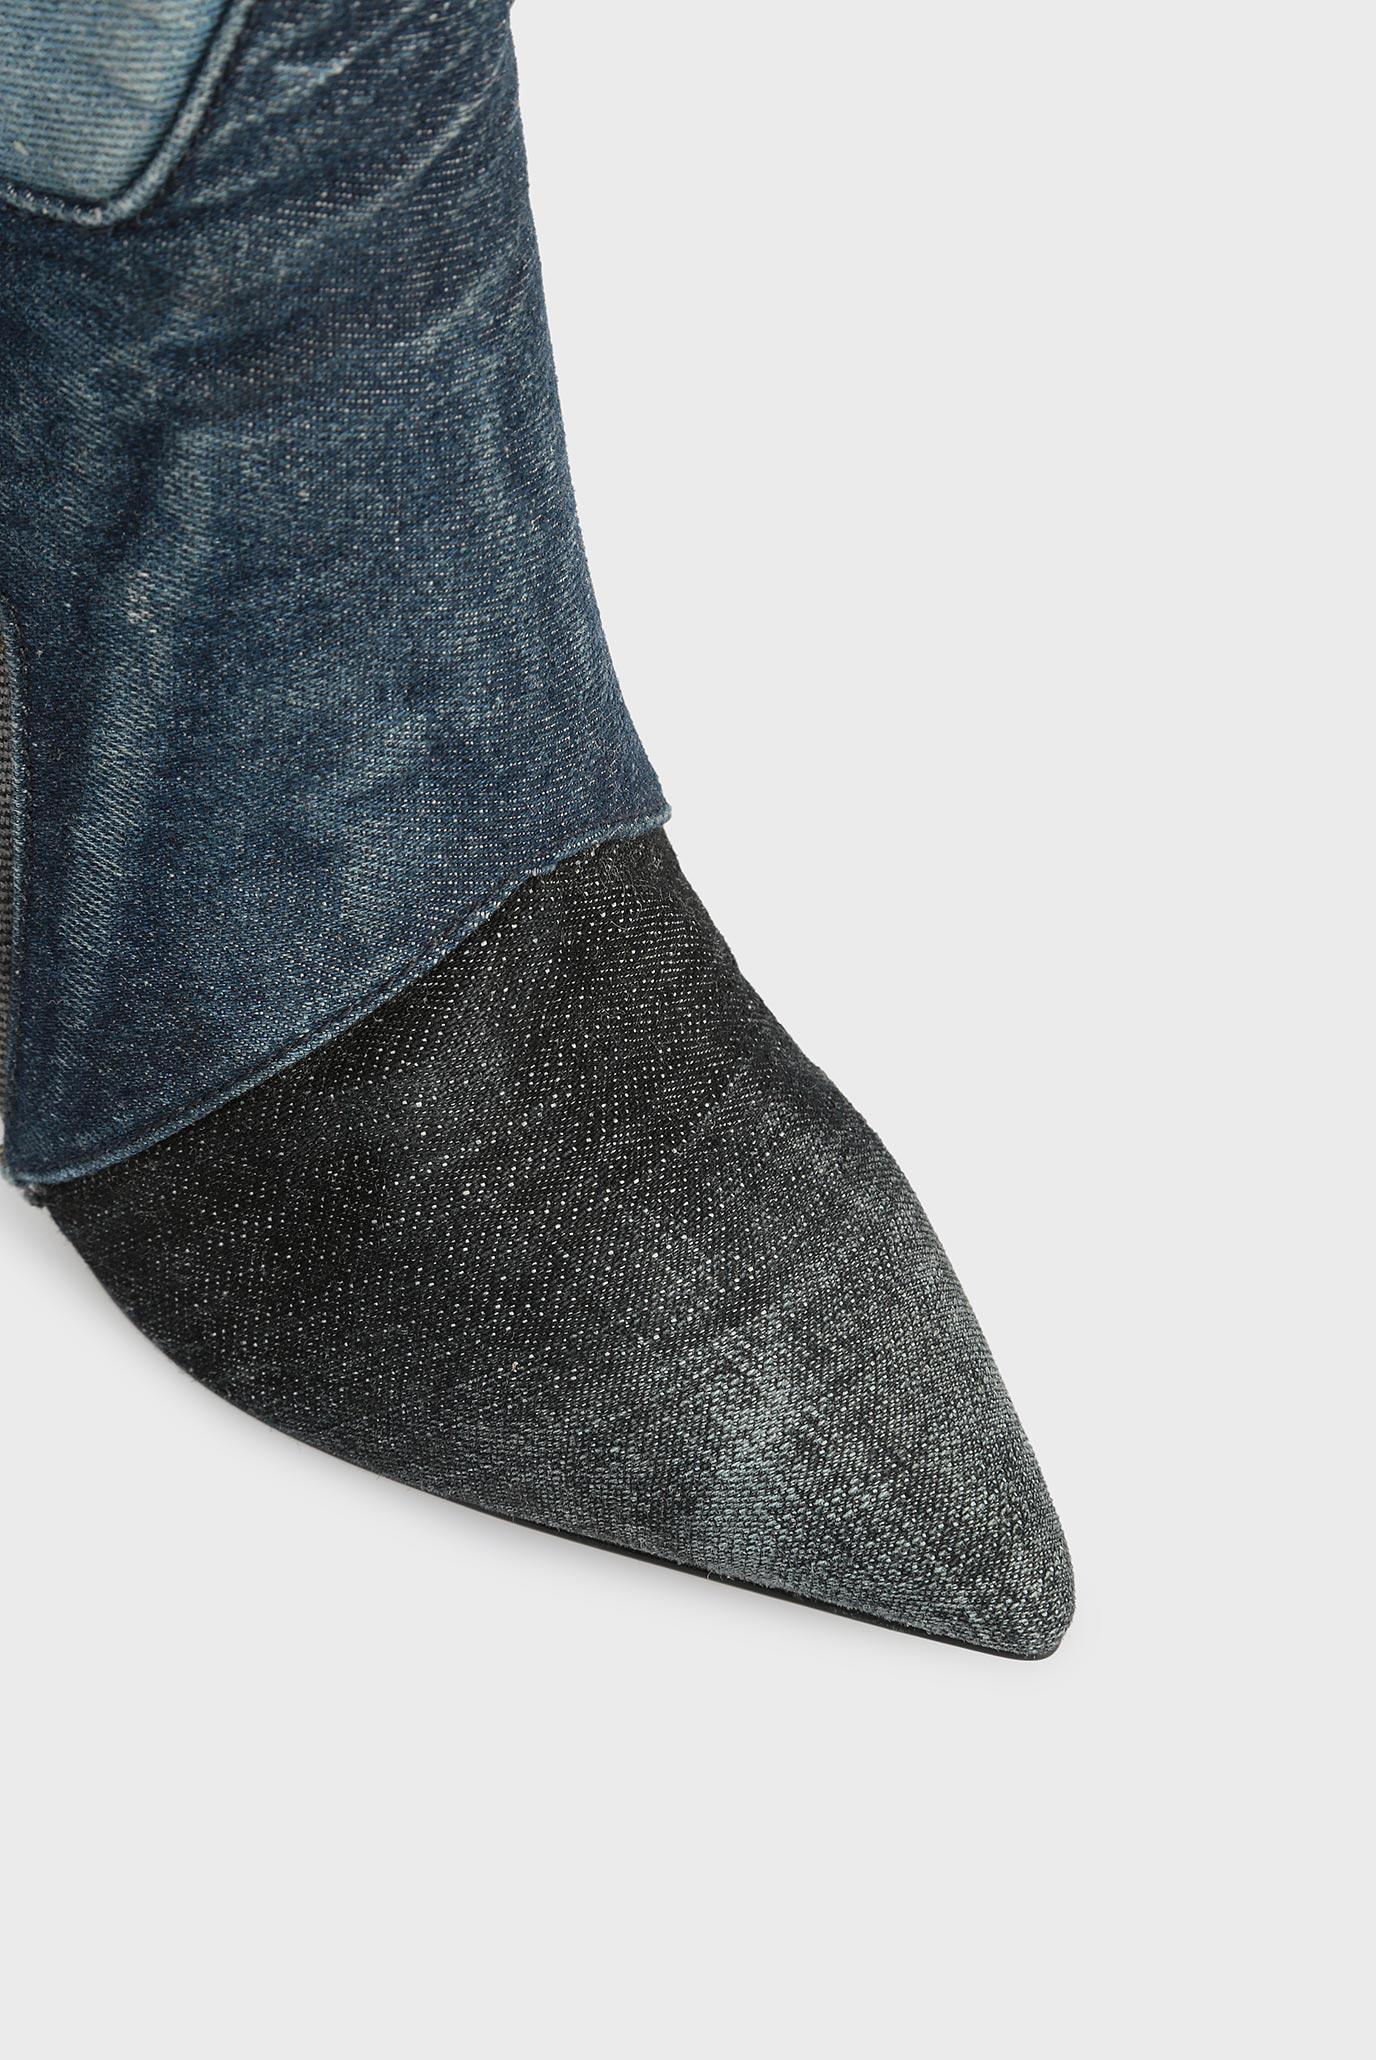 ae4700504 Купить Женские синие джинсовые ботинки Diesel Diesel Y01351 P0954 – Киев,  Украина. Цены в интернет магазине MD Fashion